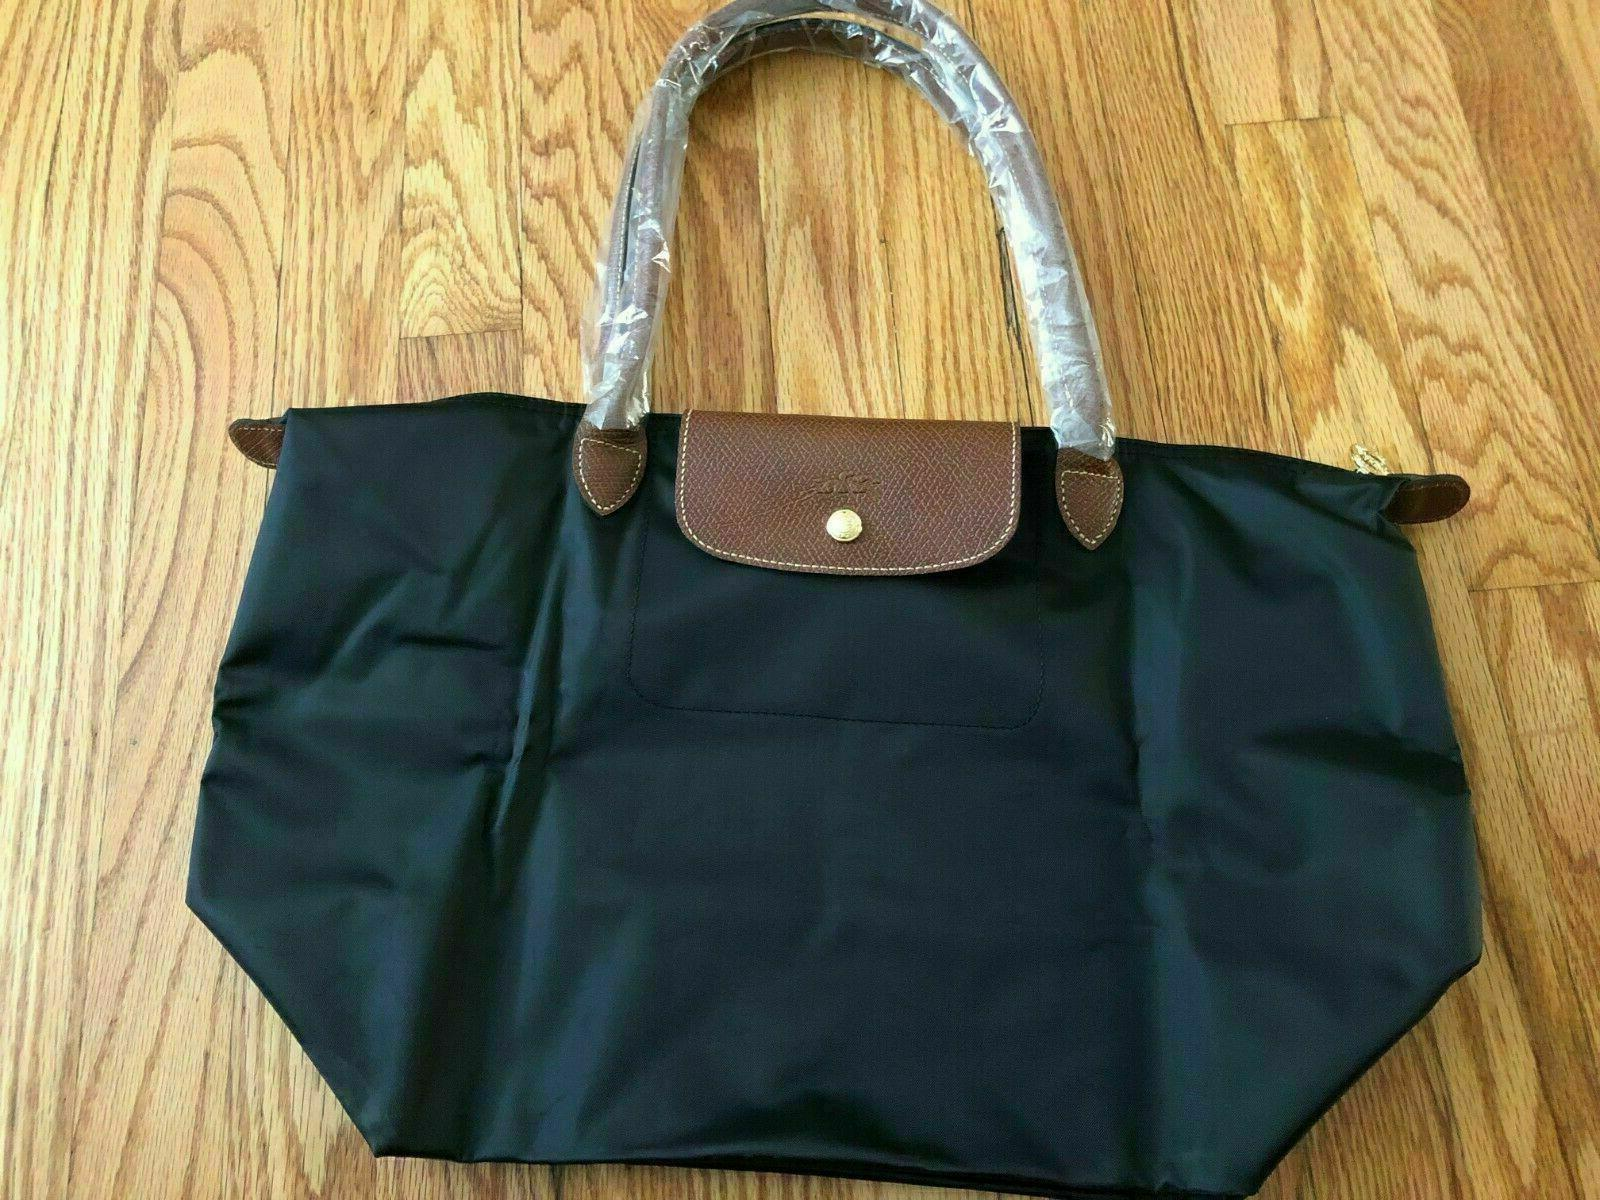 Longchamp tote bag Large